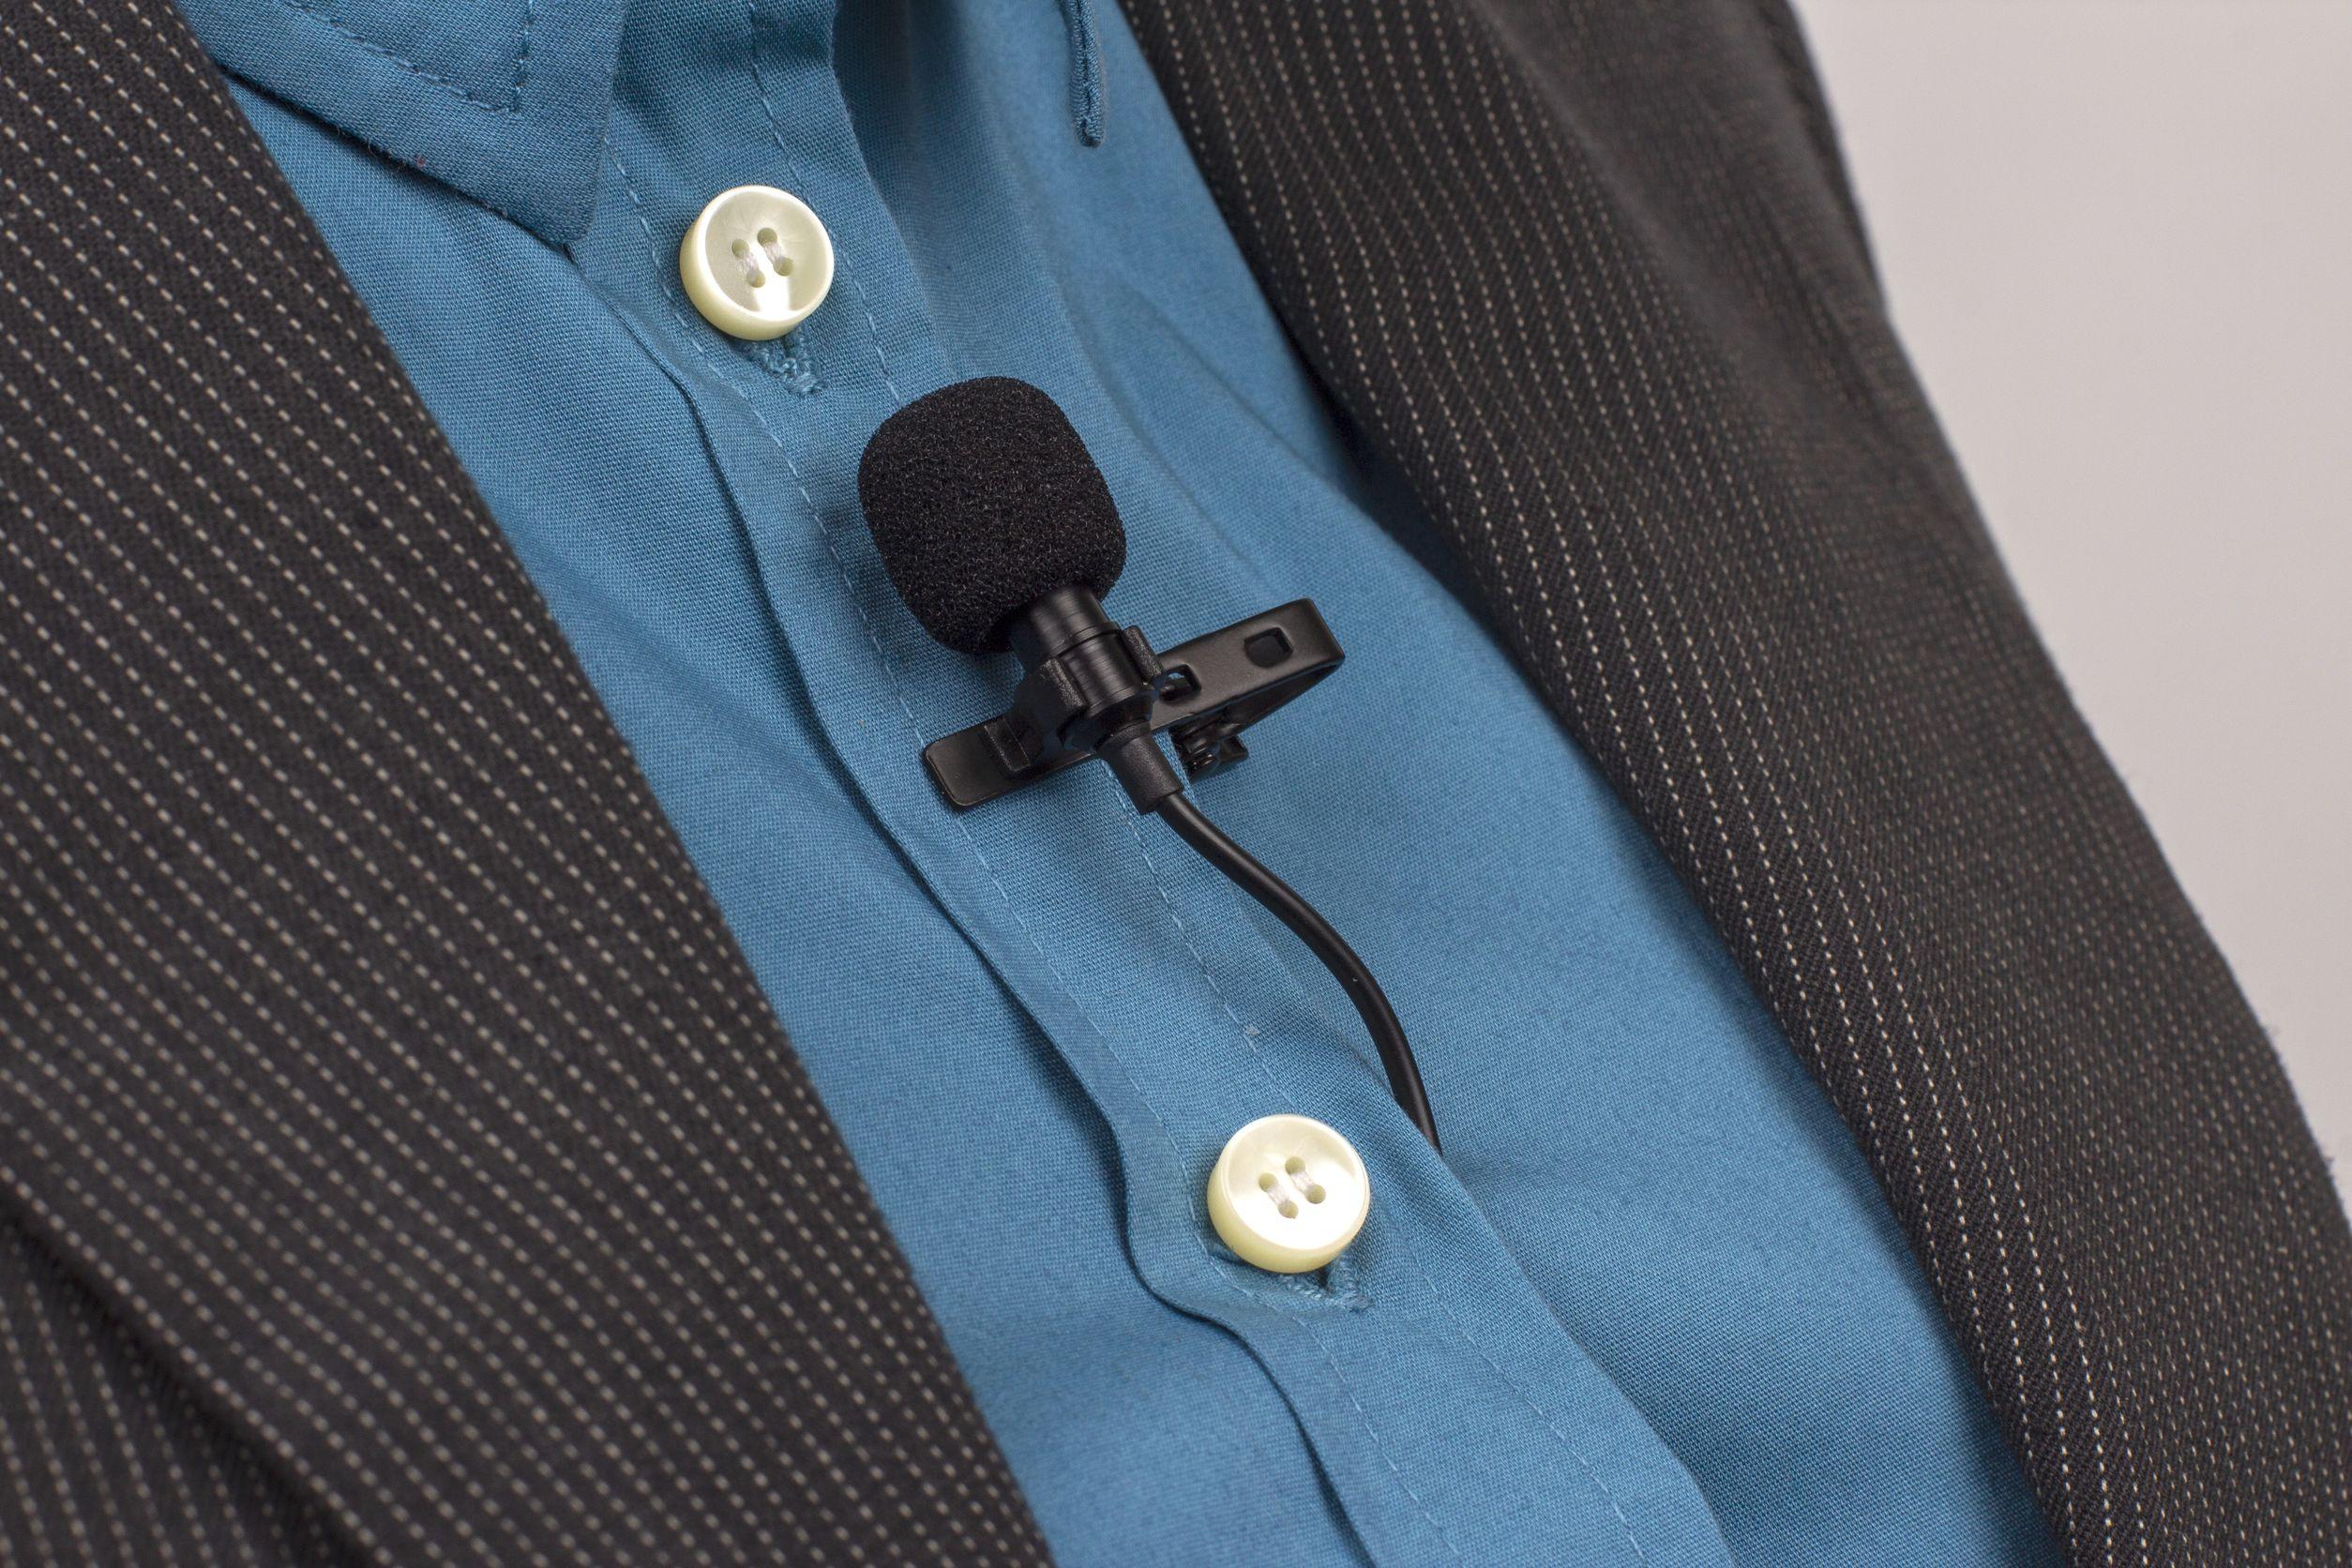 Imagem mostra um microfone lapela preso em uma camisa.